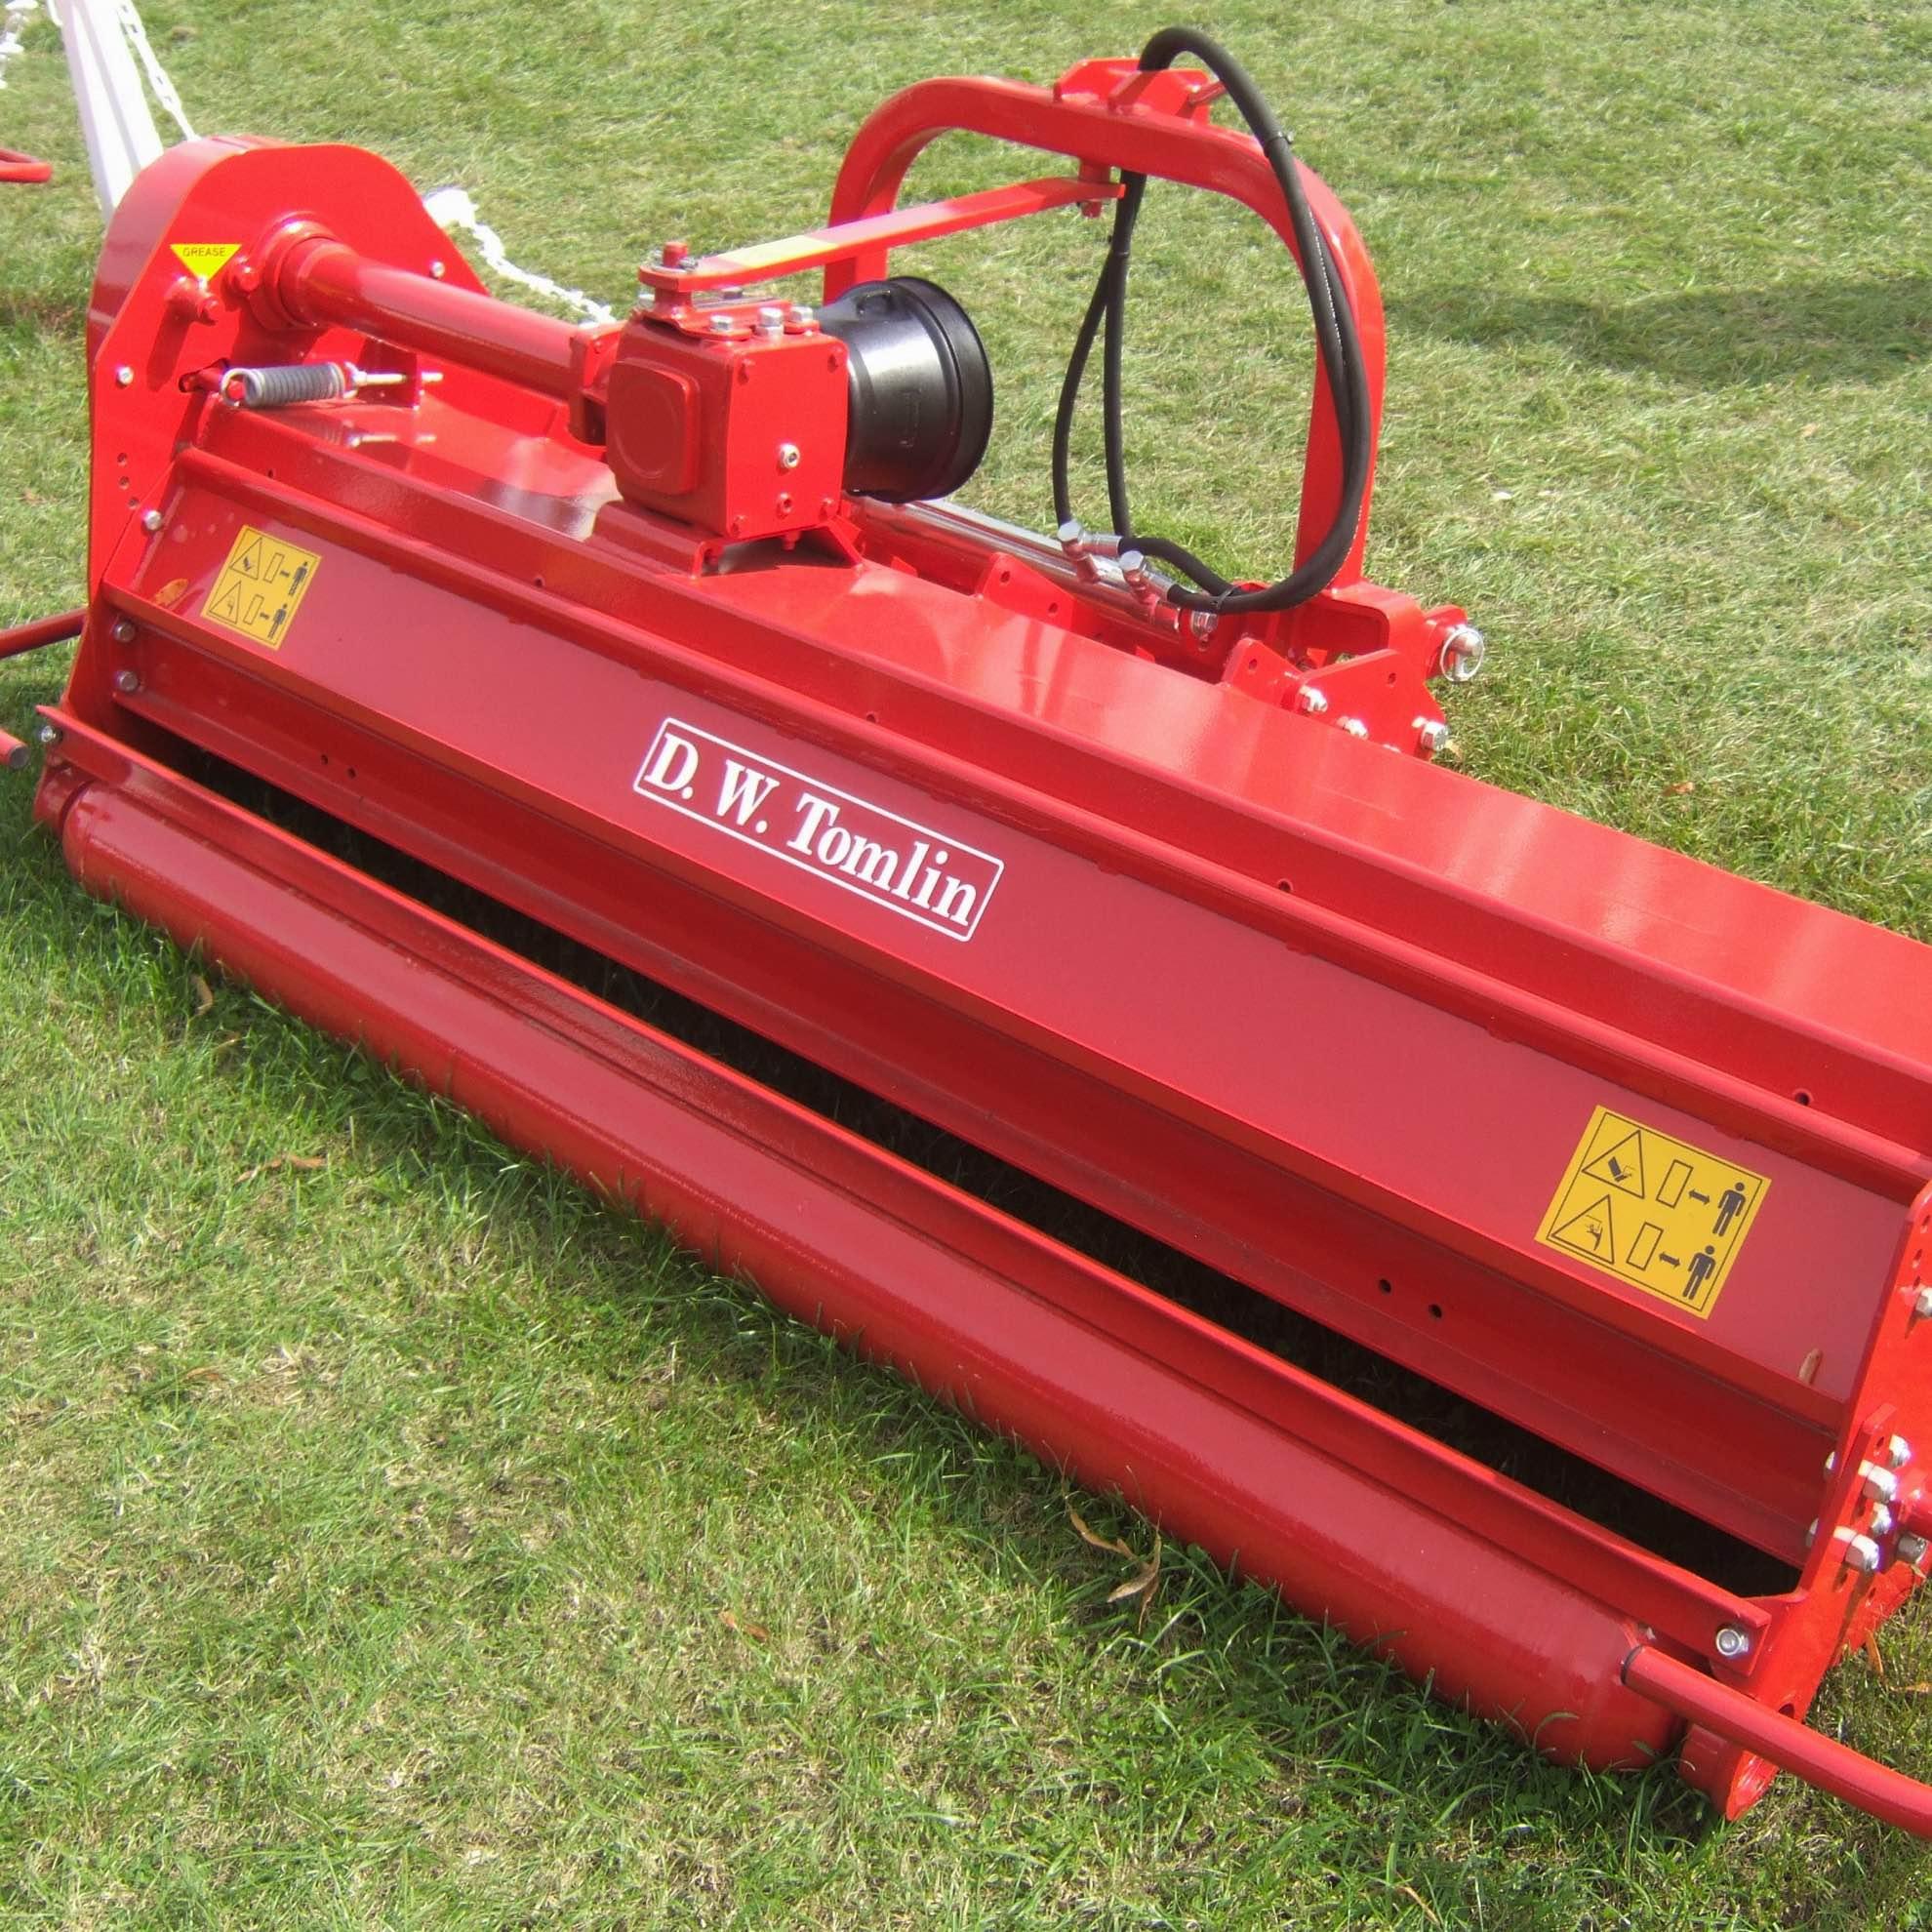 D.W. Tomlin FGH Series Flail Mower 20-50 HP